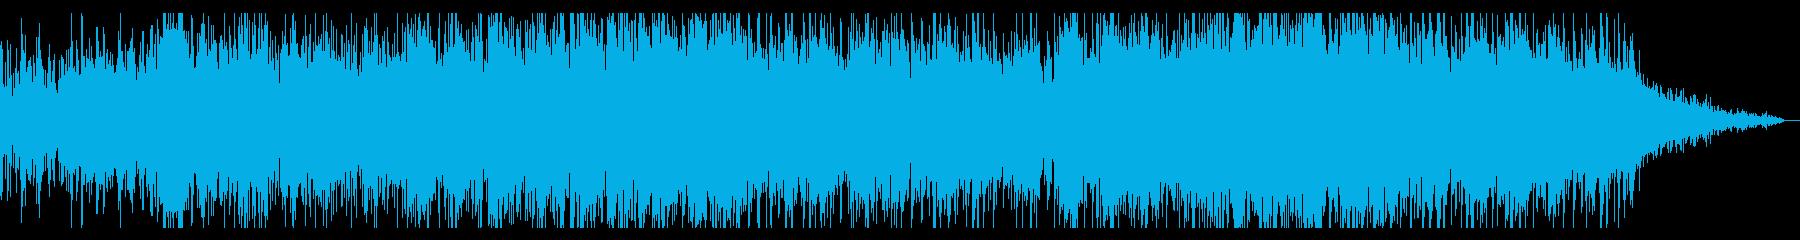 ミステリアスでグリッジなアンビエントの再生済みの波形